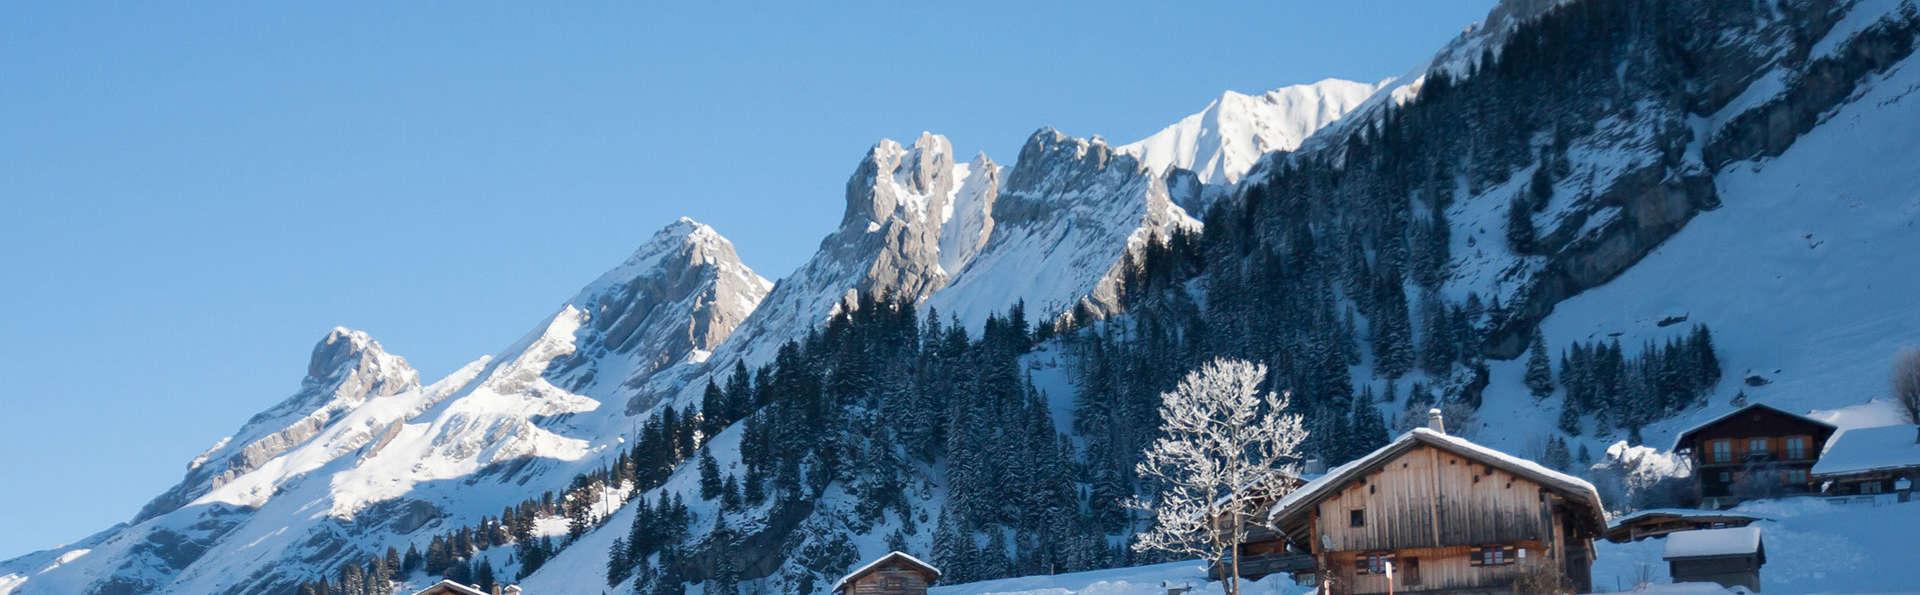 Semaine ski aux pieds, en appartement pour 6 personnes, à la Clusaz